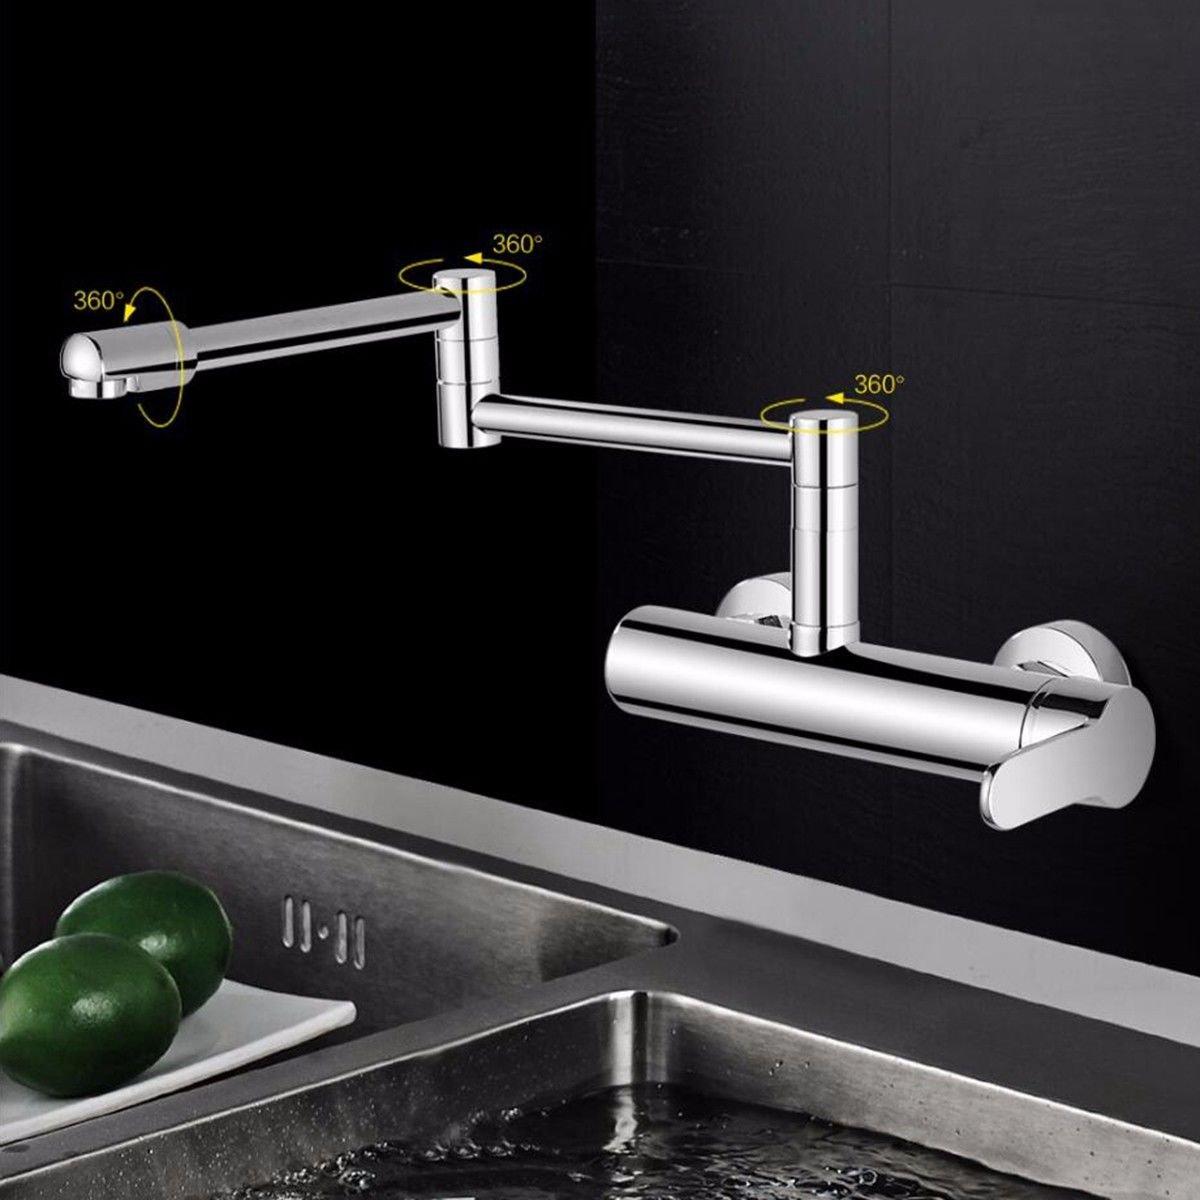 ANNTYE Robinets de lavabo dans la paroi de l'eau Chaude et Froide à l'arrachement orientable Robinet lavabo avec Robinet Salle de Bain Cuisine